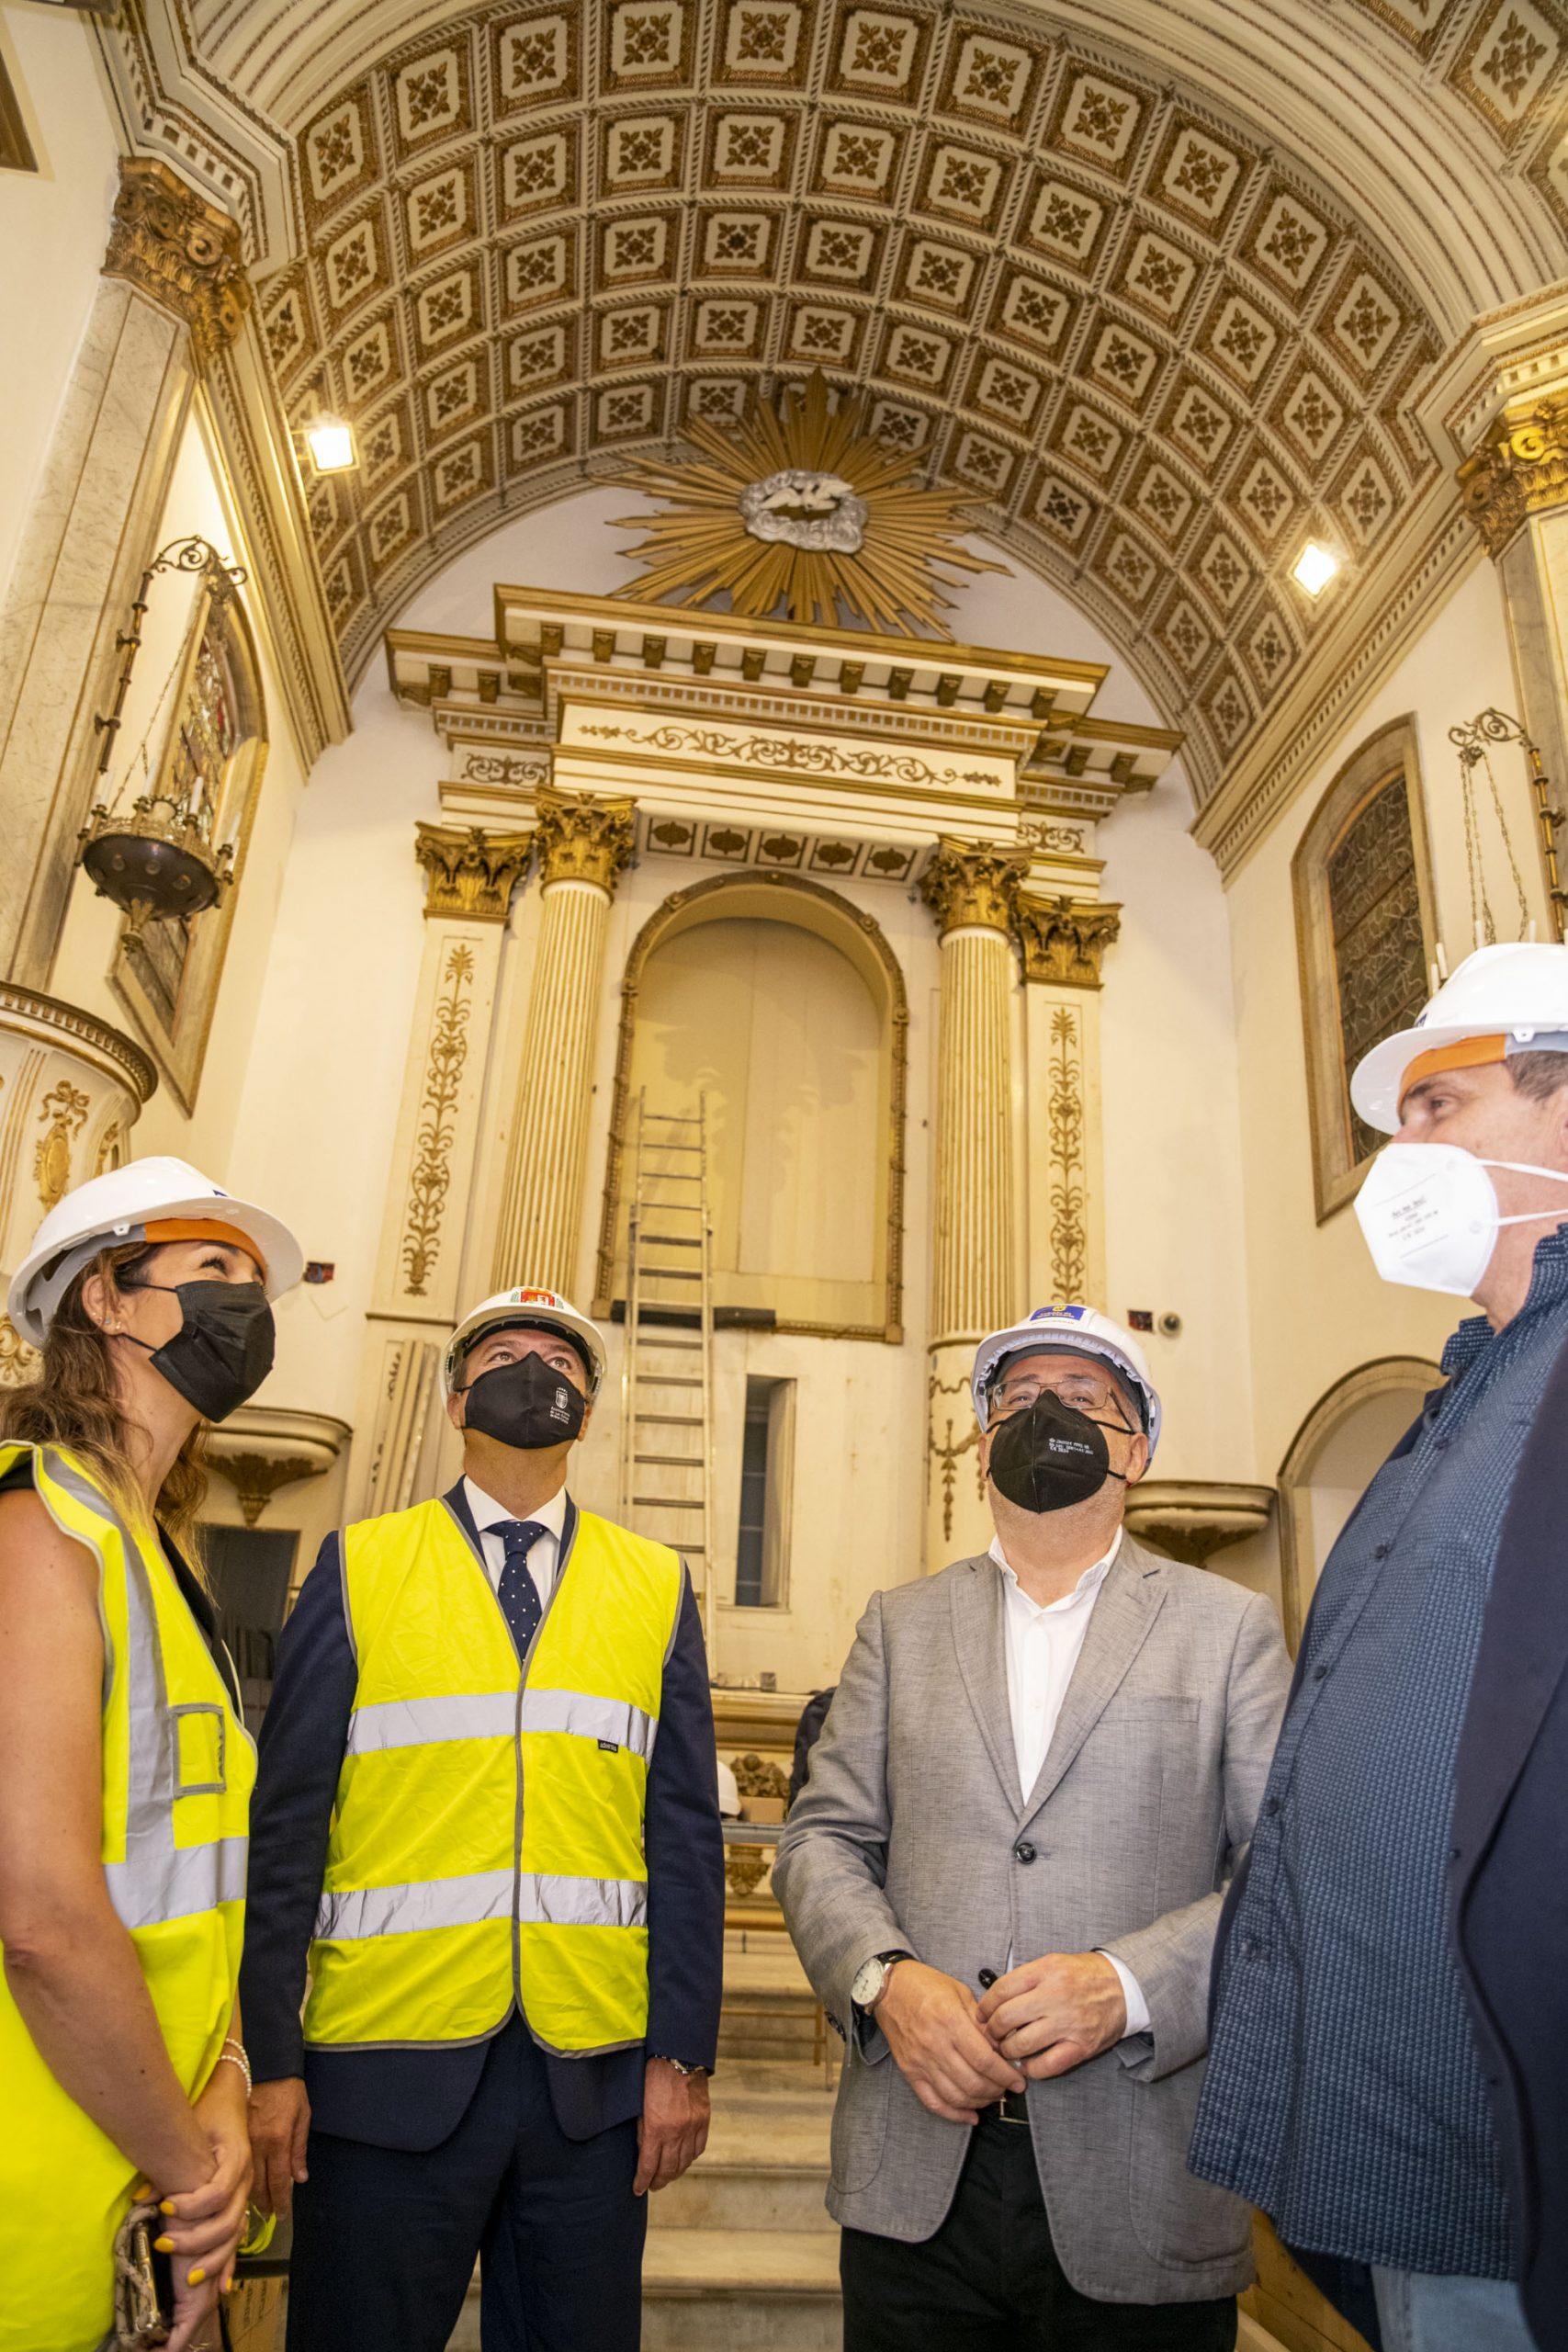 Cabildo y ayuntamiento capitalino ultiman los detalles técnicos del acondicionamiento exterior del futuro MUBEA Gran Canaria, Museo de Bellas Artes